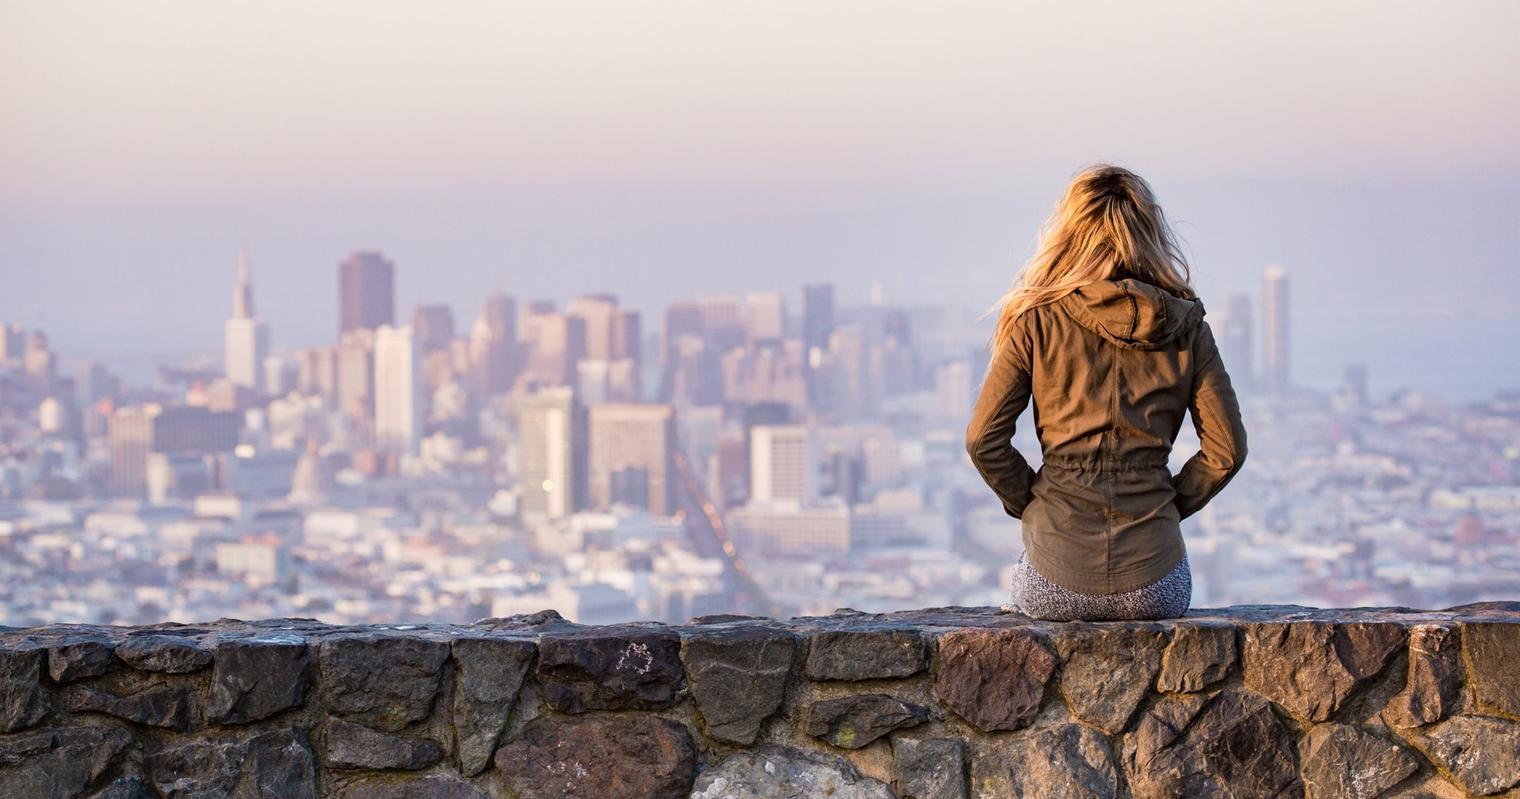 5 Ways to Showcase A City When an Internship is Remote